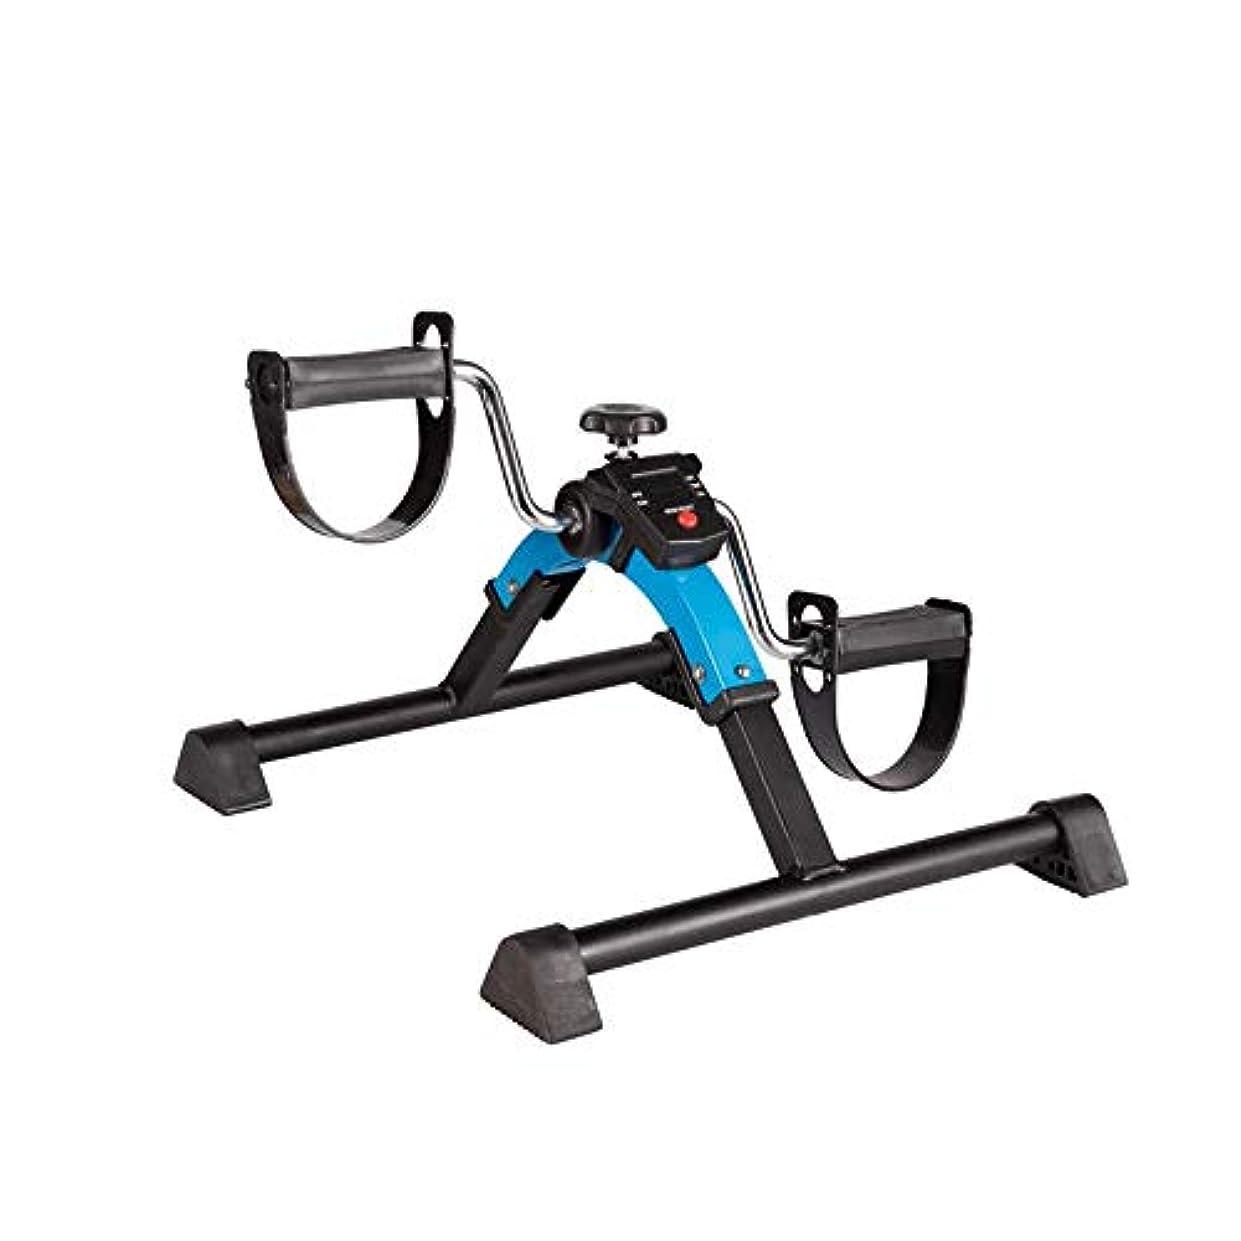 領収書ドラフト気分上肢および下肢エクササイズペダル、レッグマシン、リハビリトレーニング機器、脳卒中、片麻痺、手足、二重使用自転車